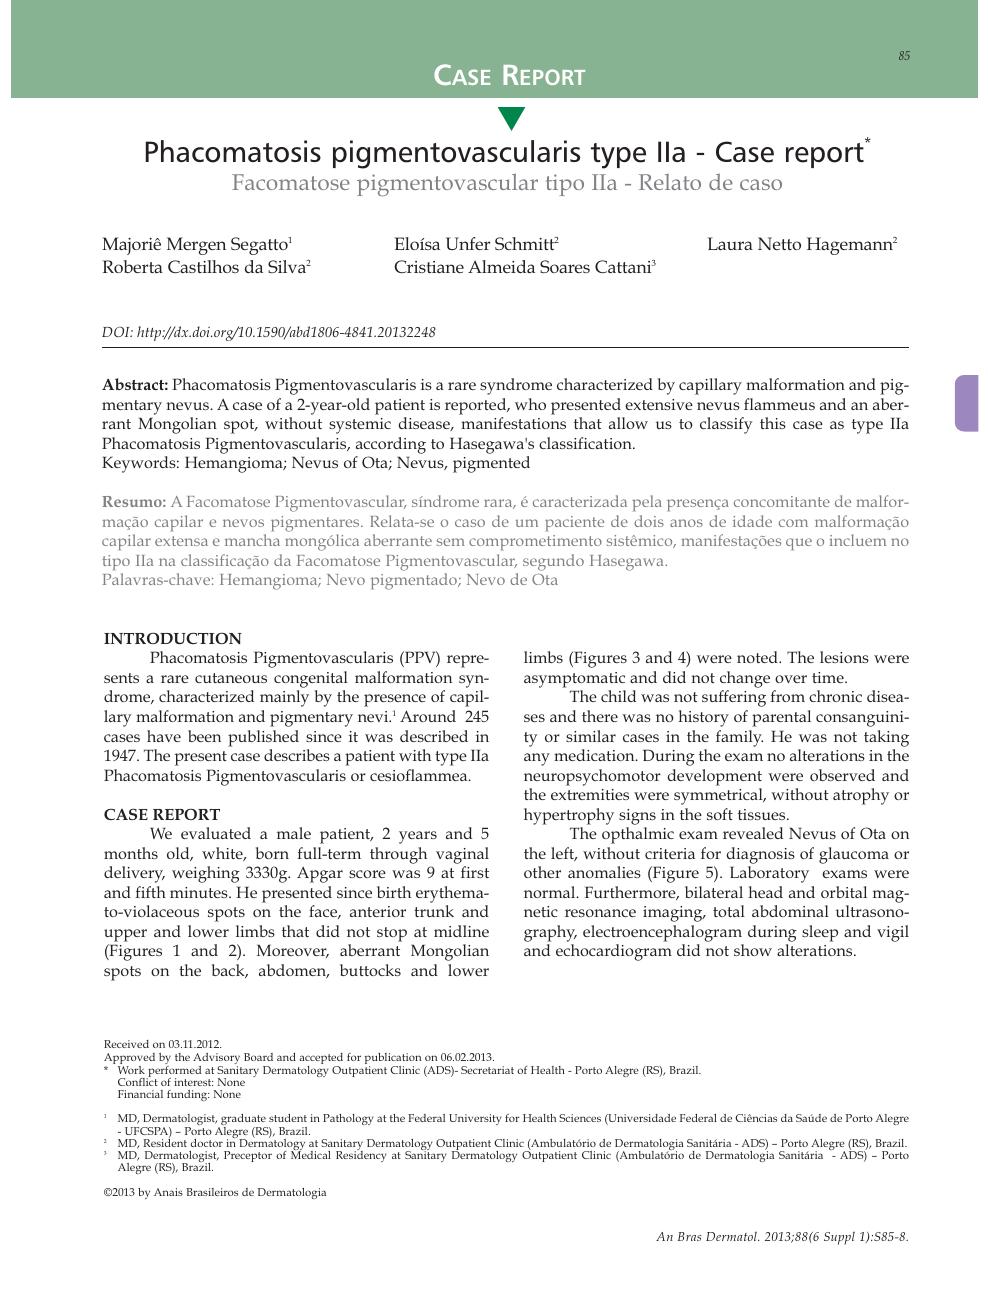 Phacomatosis pigmentovascularis type IIa - case report – topic of